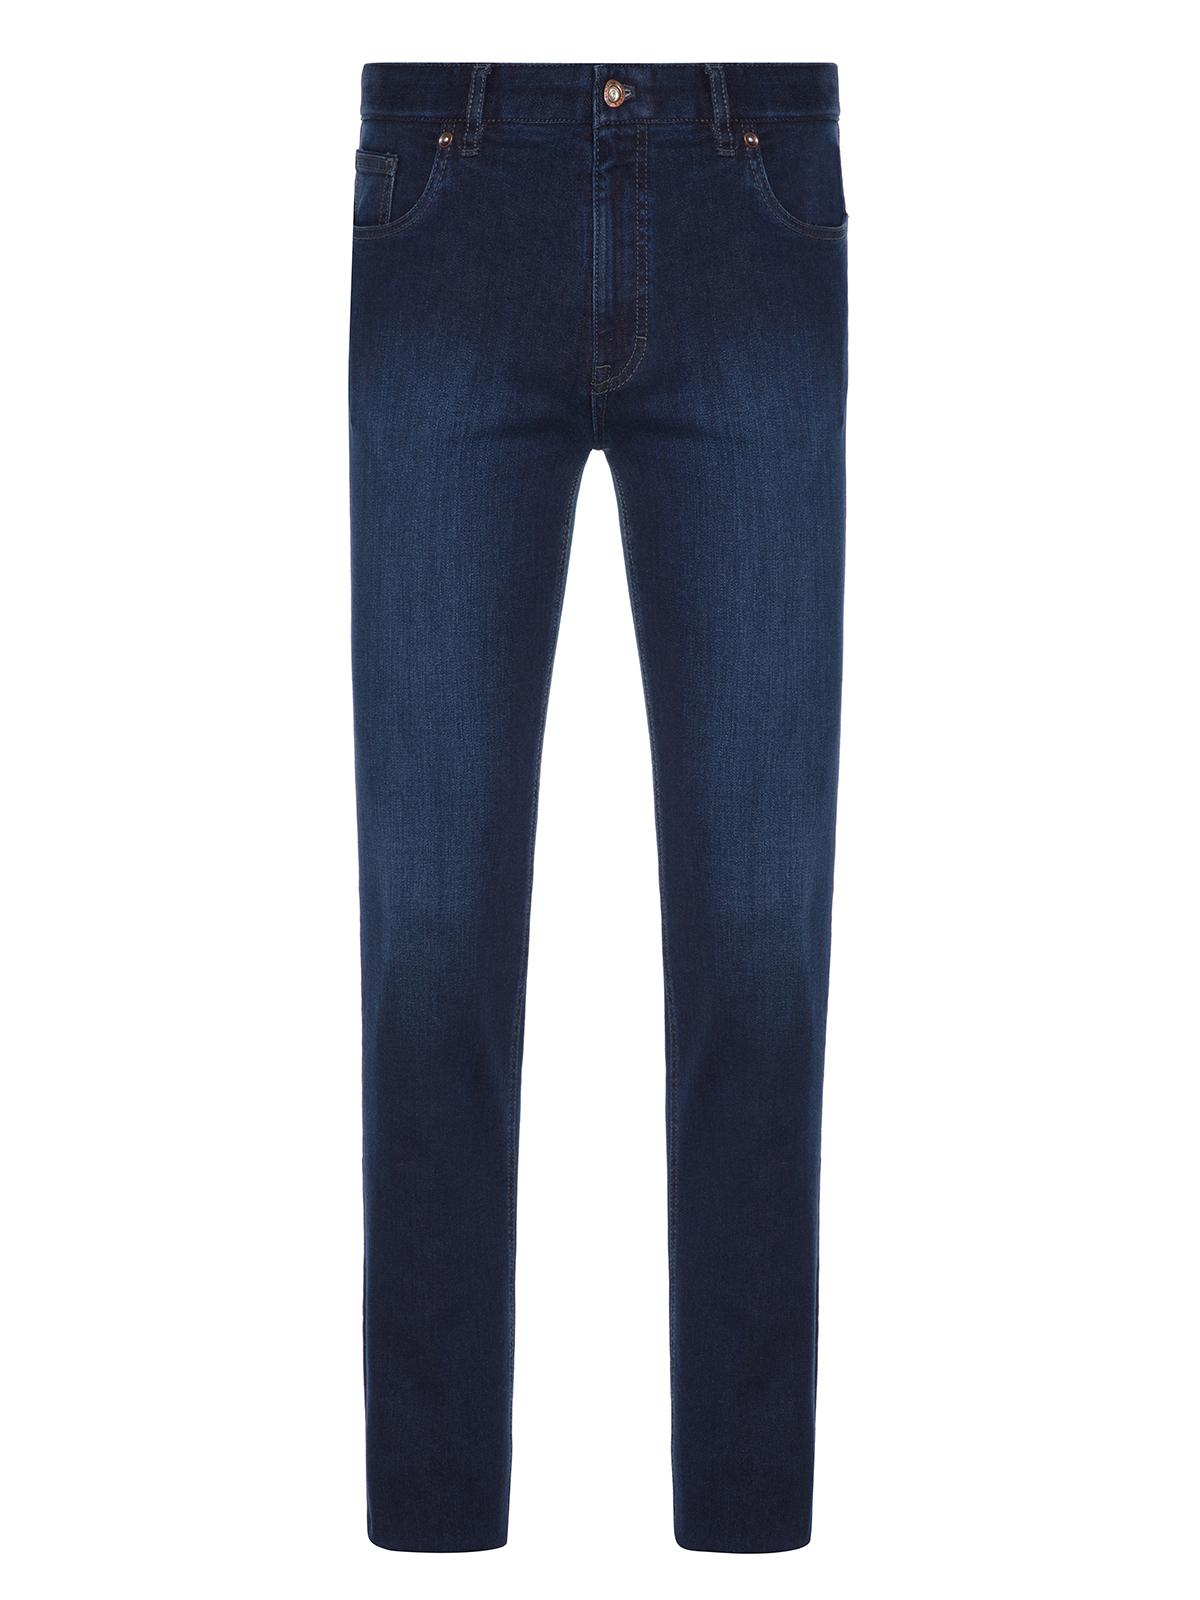 Hiltl - Hiltl Dry Denim Coton Elastane Lacivert Parker 5 Cep Regular Fit Pantolon